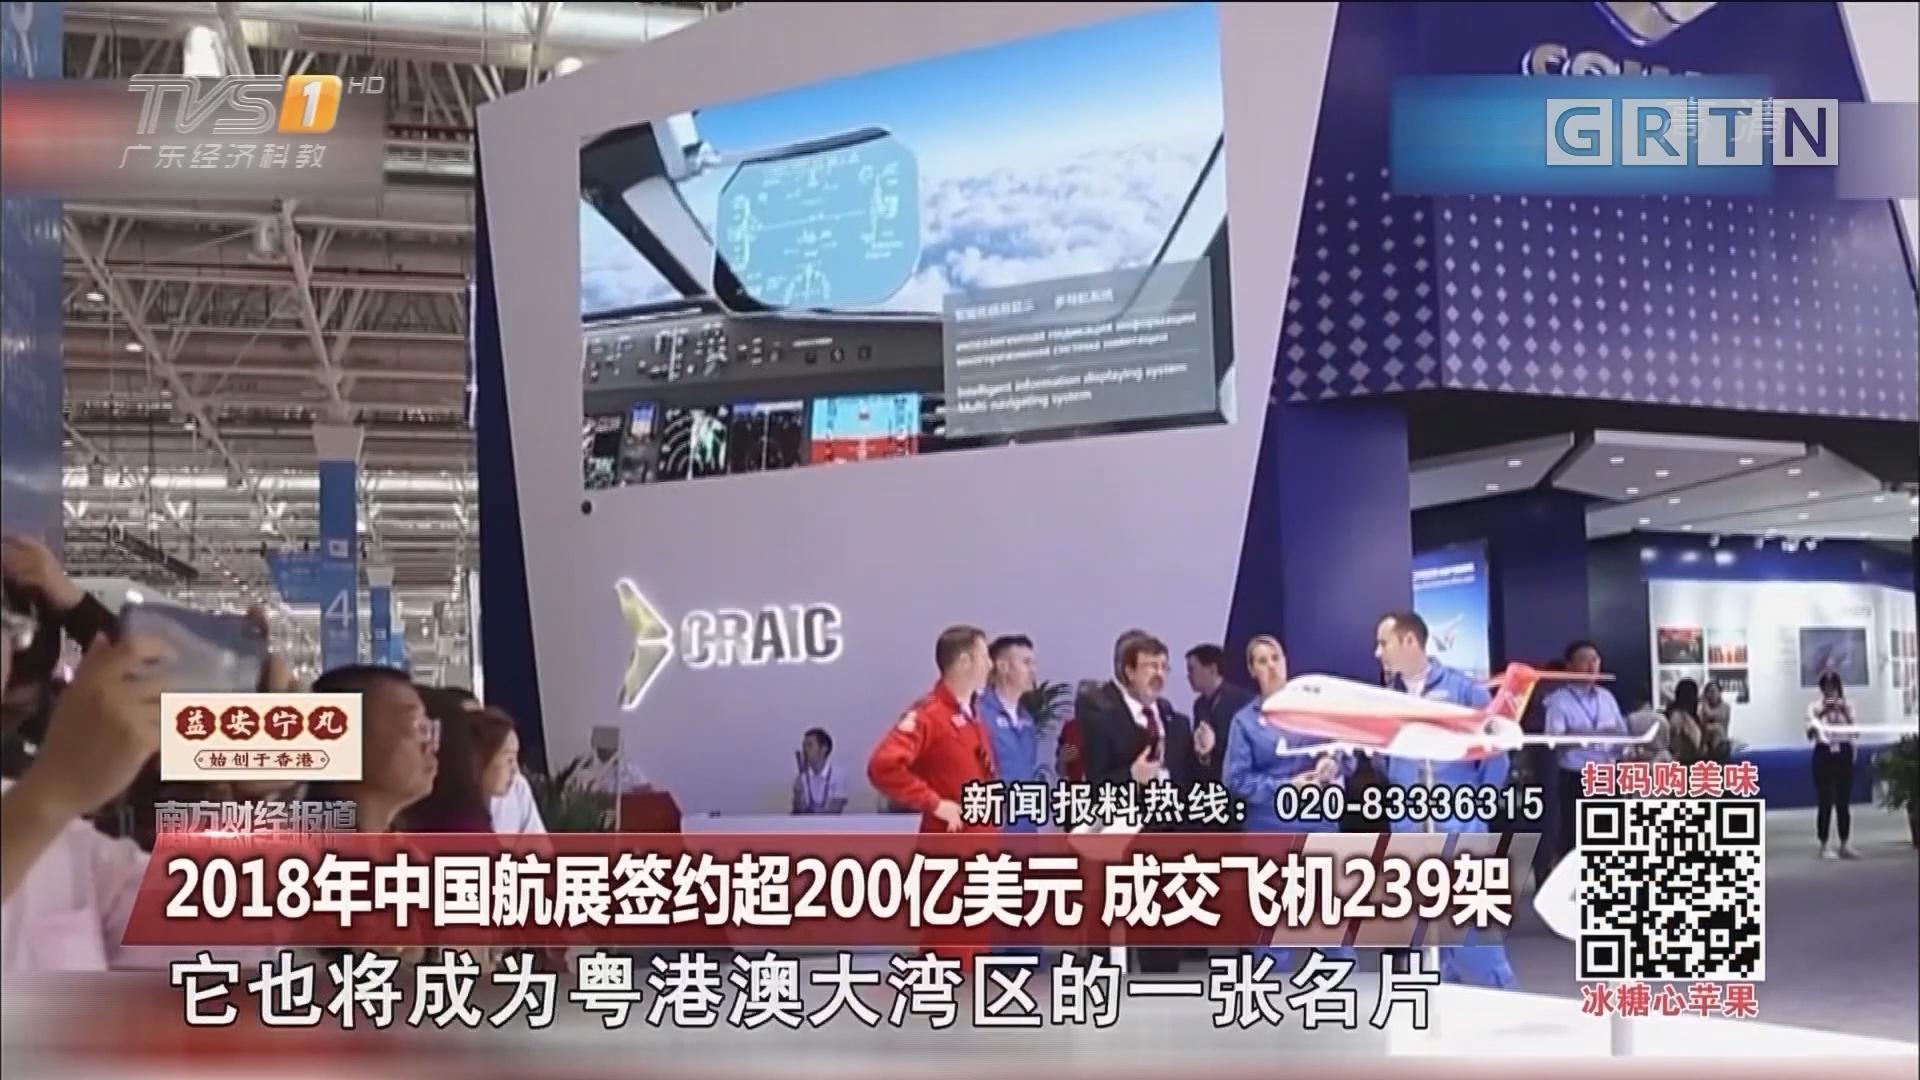 2018年中国航展签约超200亿美元 成交飞机239架